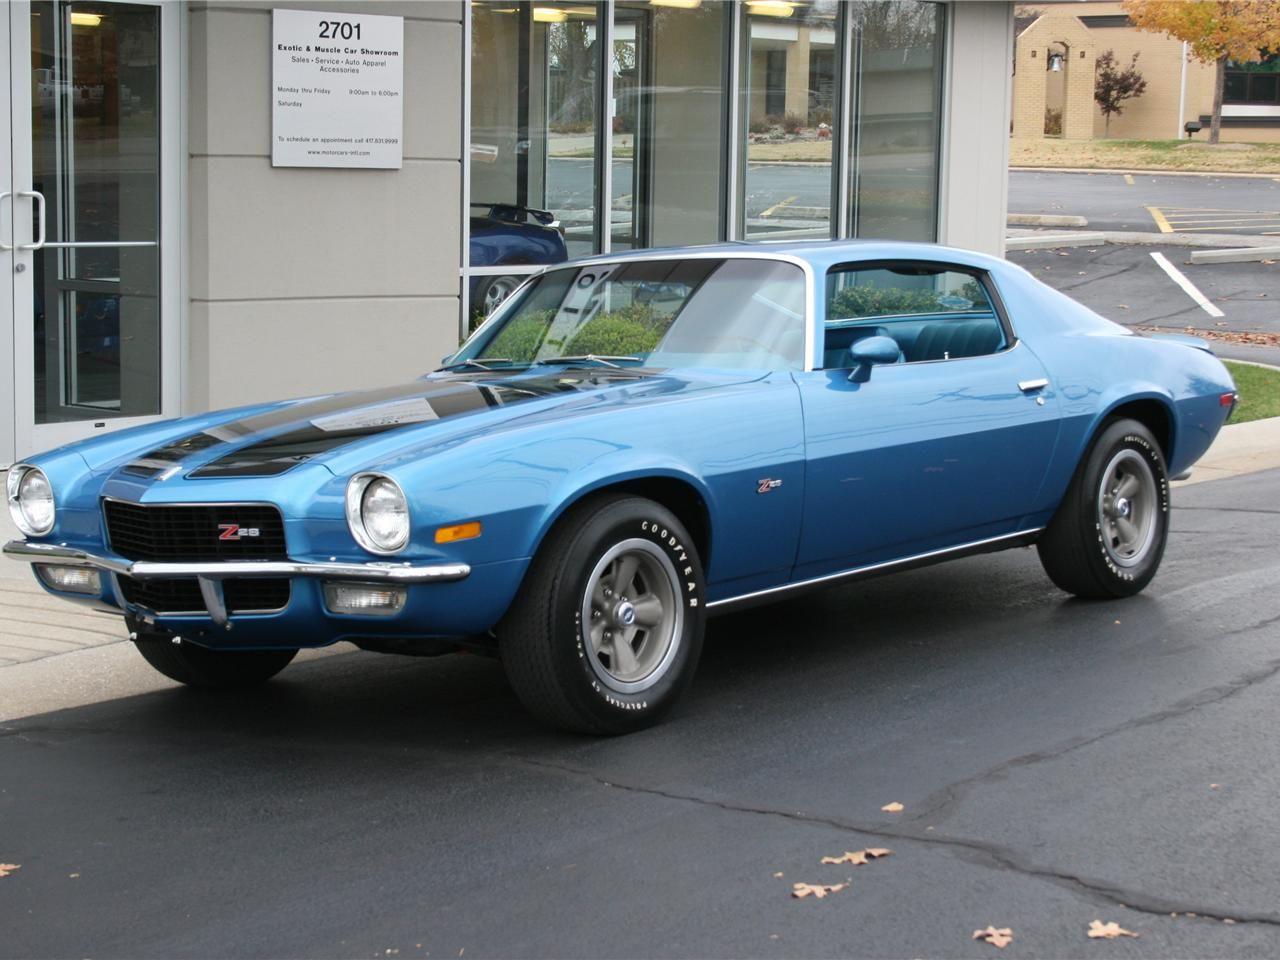 1970 Chevrolet Camaro Z28 Lt1 V8 350 In 5 735 Cm 360 Hp